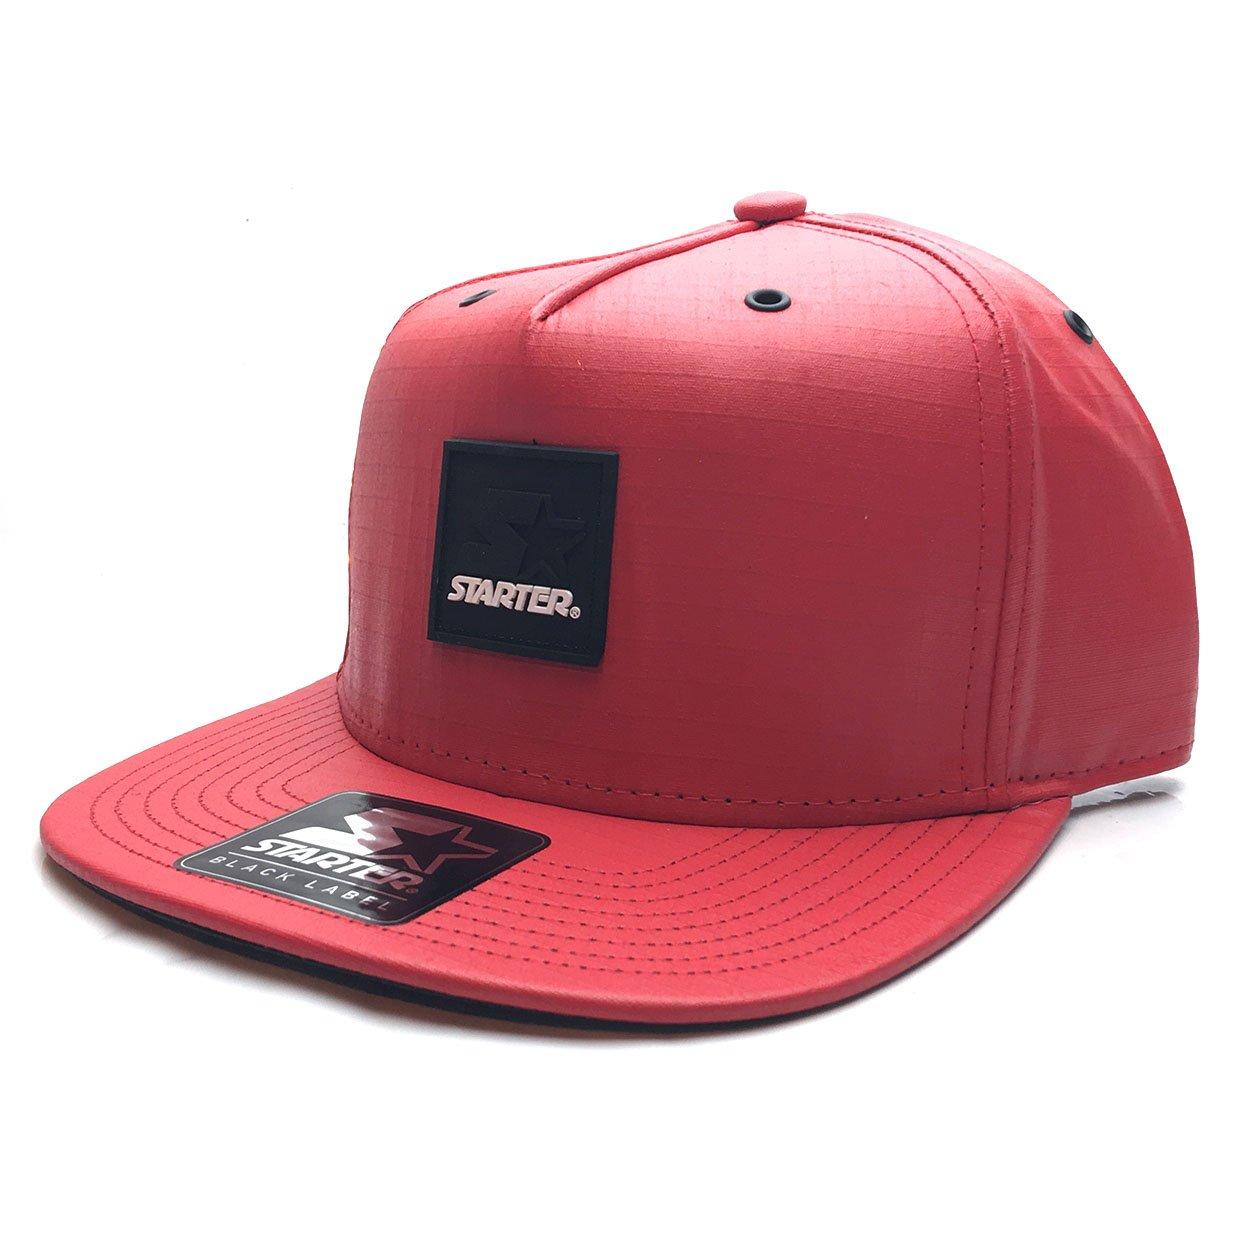 Gorra Starter - Smoked rojo/negro talla: OSFA (Talla única para ...